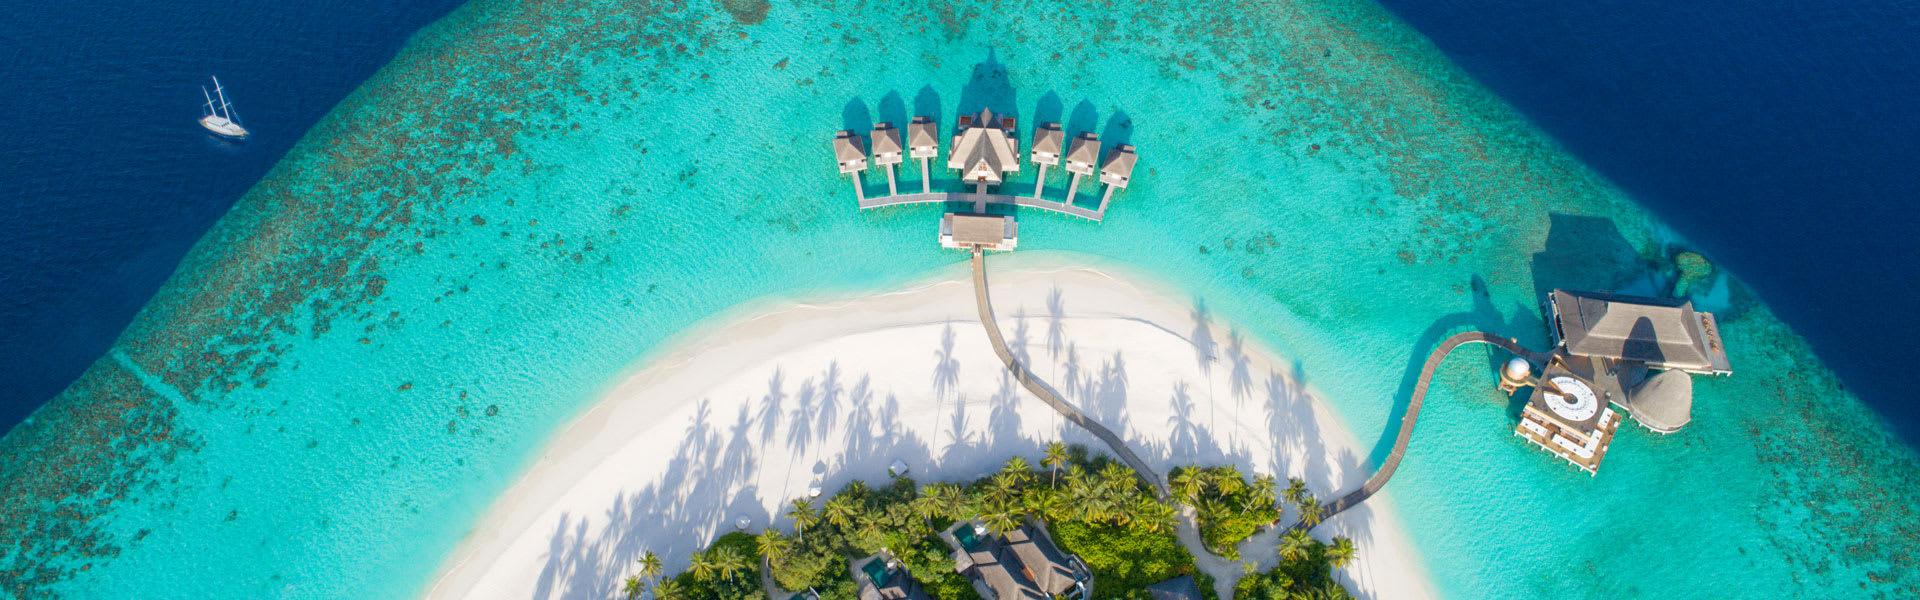 Maldives Hotels on Water | Contact Anantara Kihavah Villas